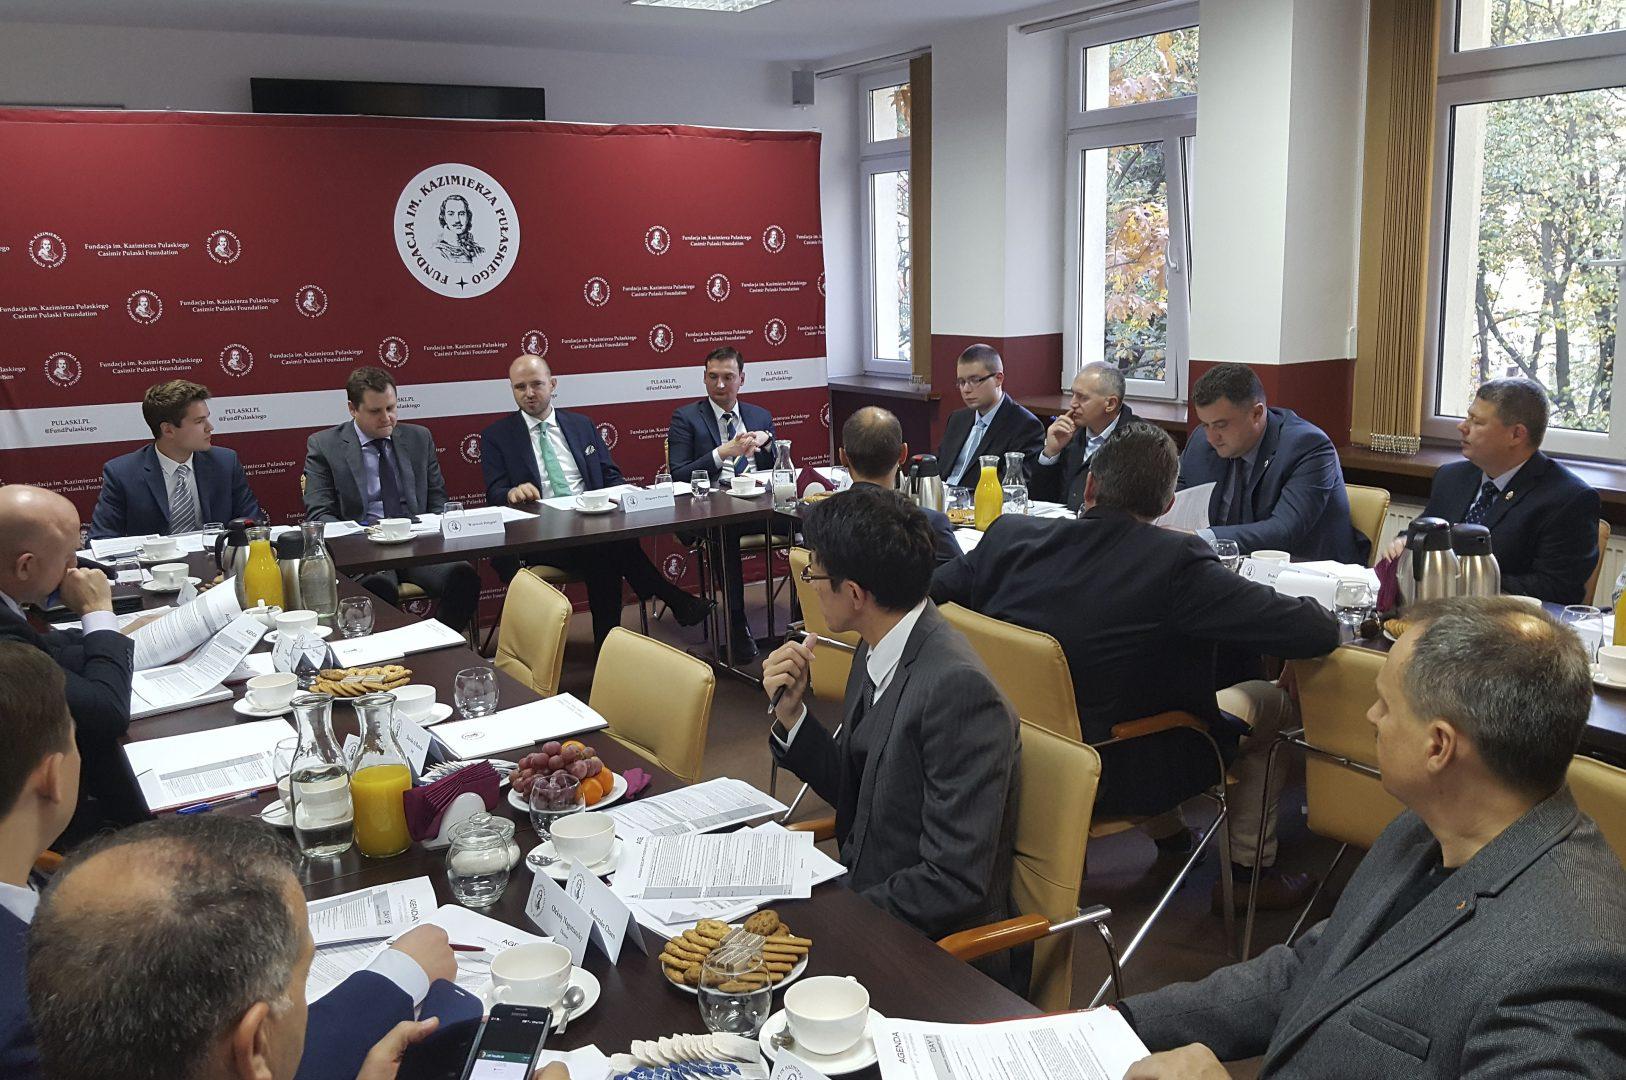 Spotkanie Komitetu Organizacyjnego Warsaw Security Forum 2017 zattachés wojskowymi